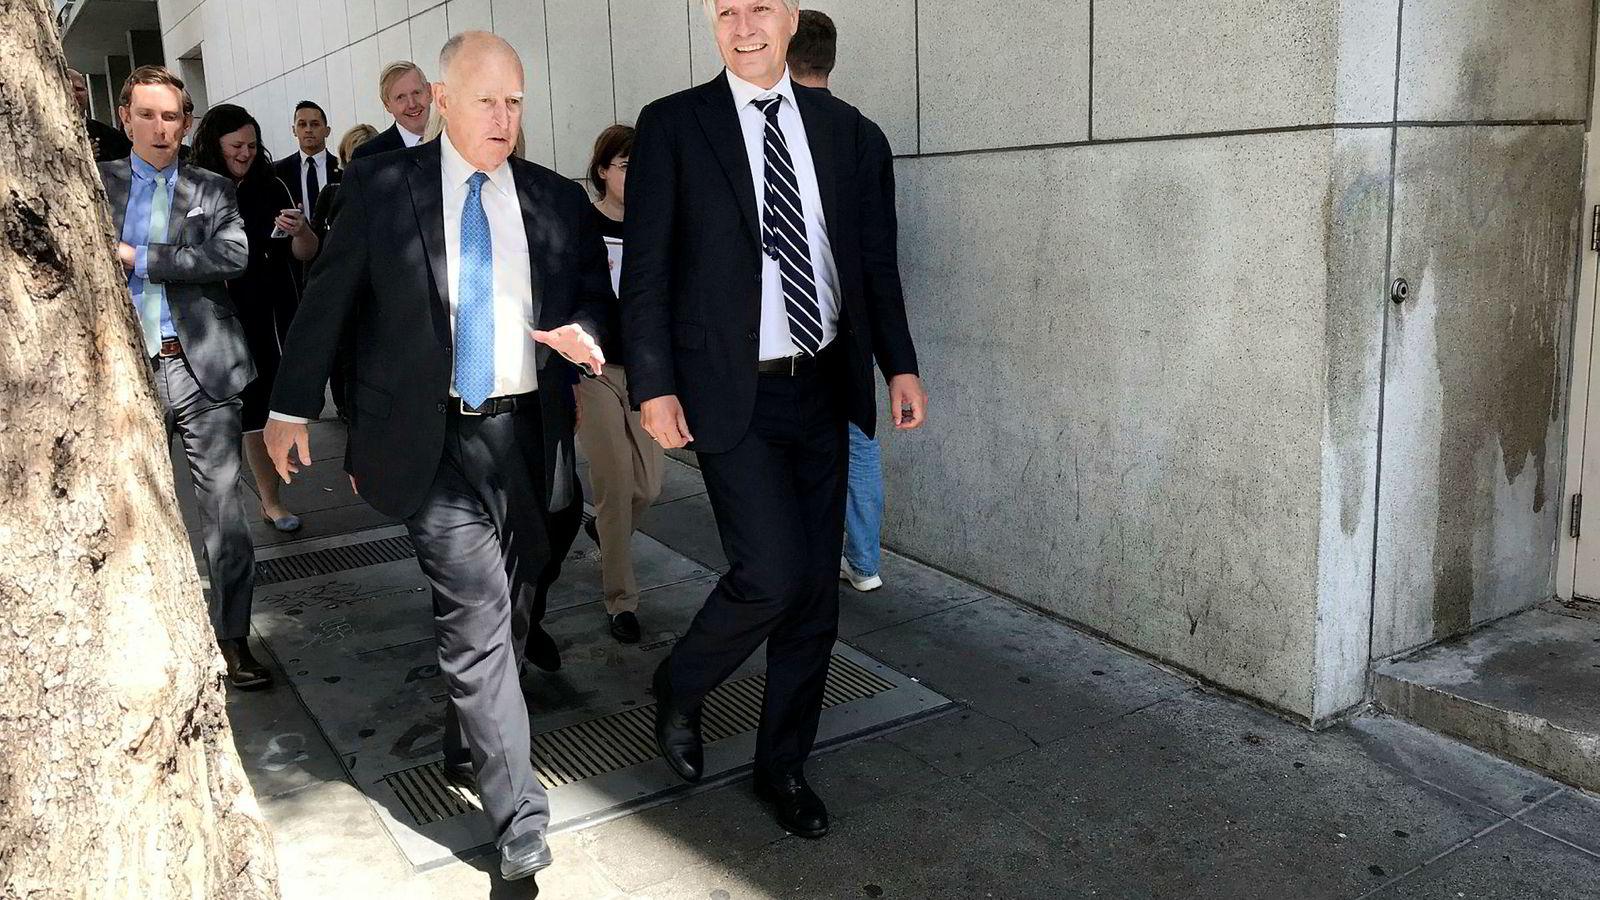 Klima- og miljøminister Ola Elvestuen (til høyre) går sammen med Californias guvernør Jerry Brown (til venstre) under et klimamøte i San Francisco.